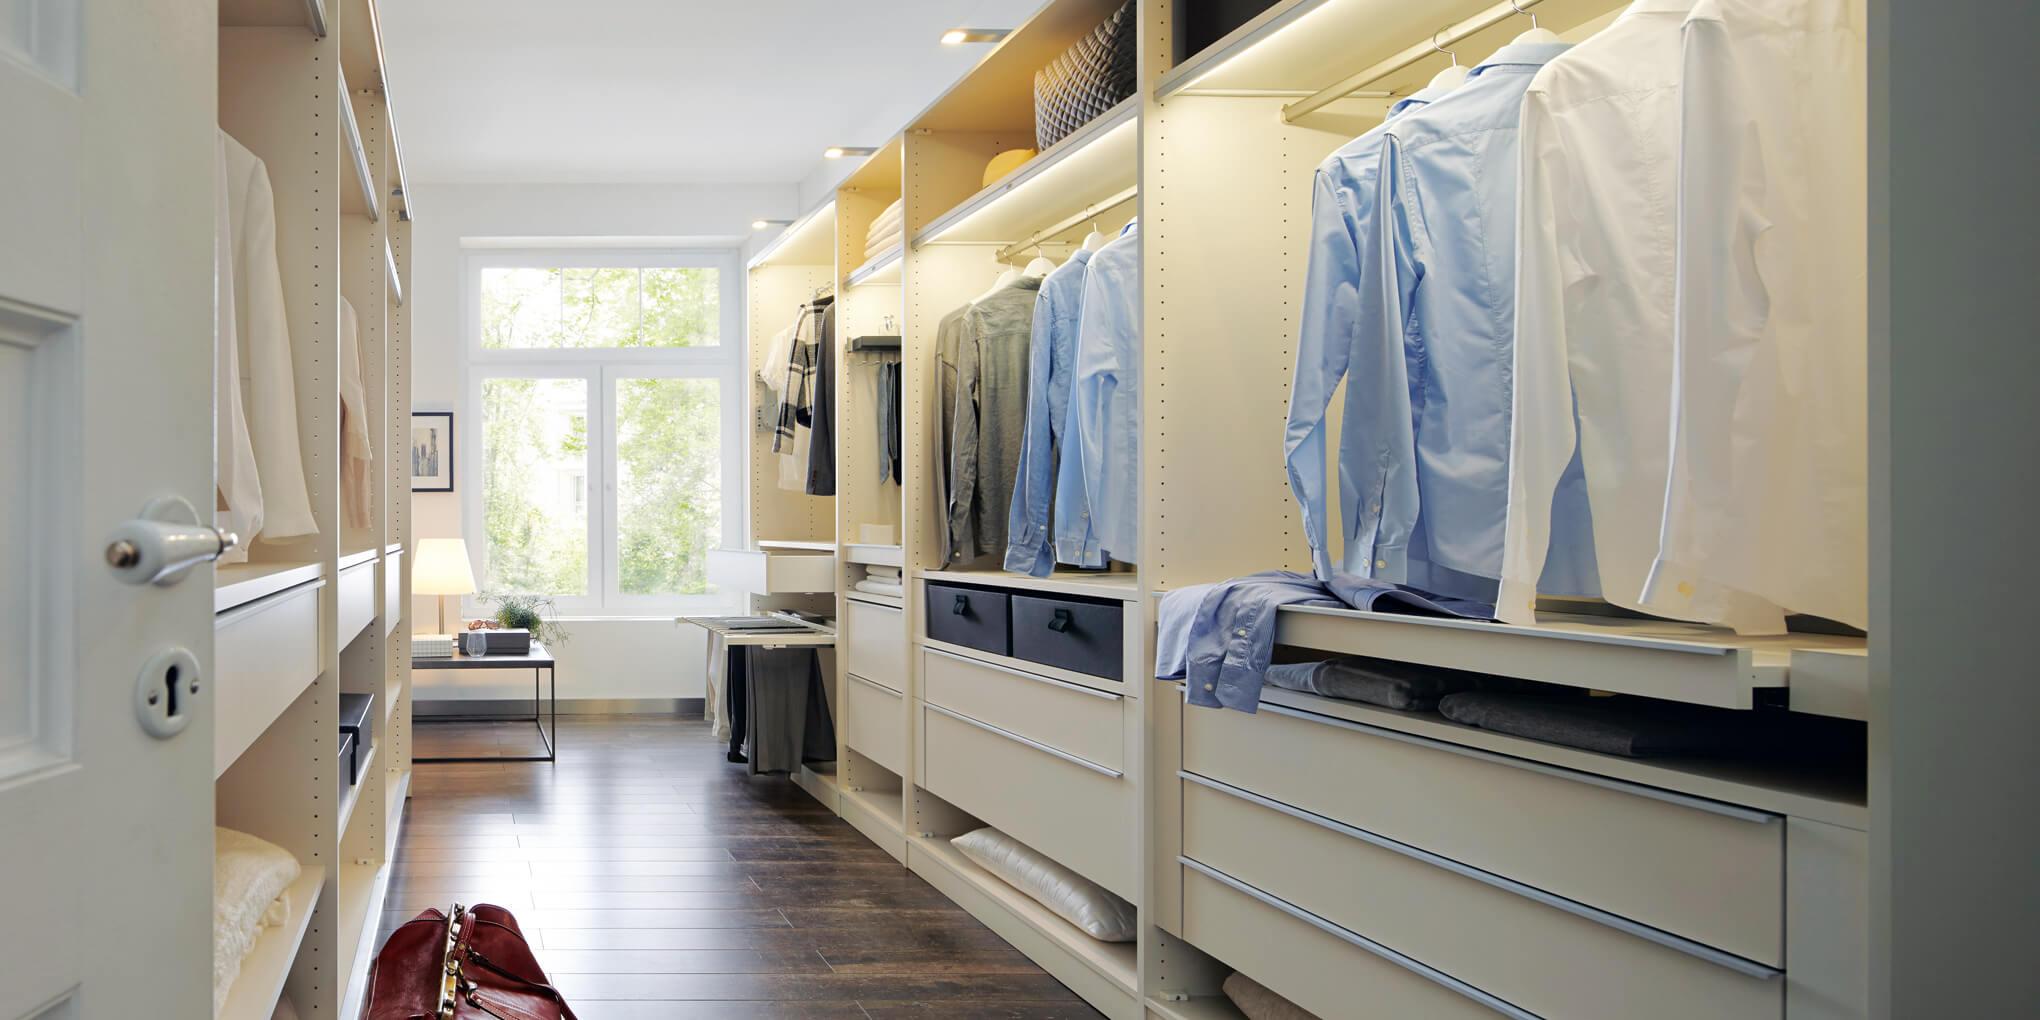 Kleiderschrank Einrichten Die 7 Besten Tipps Fur Mehr Uberblick